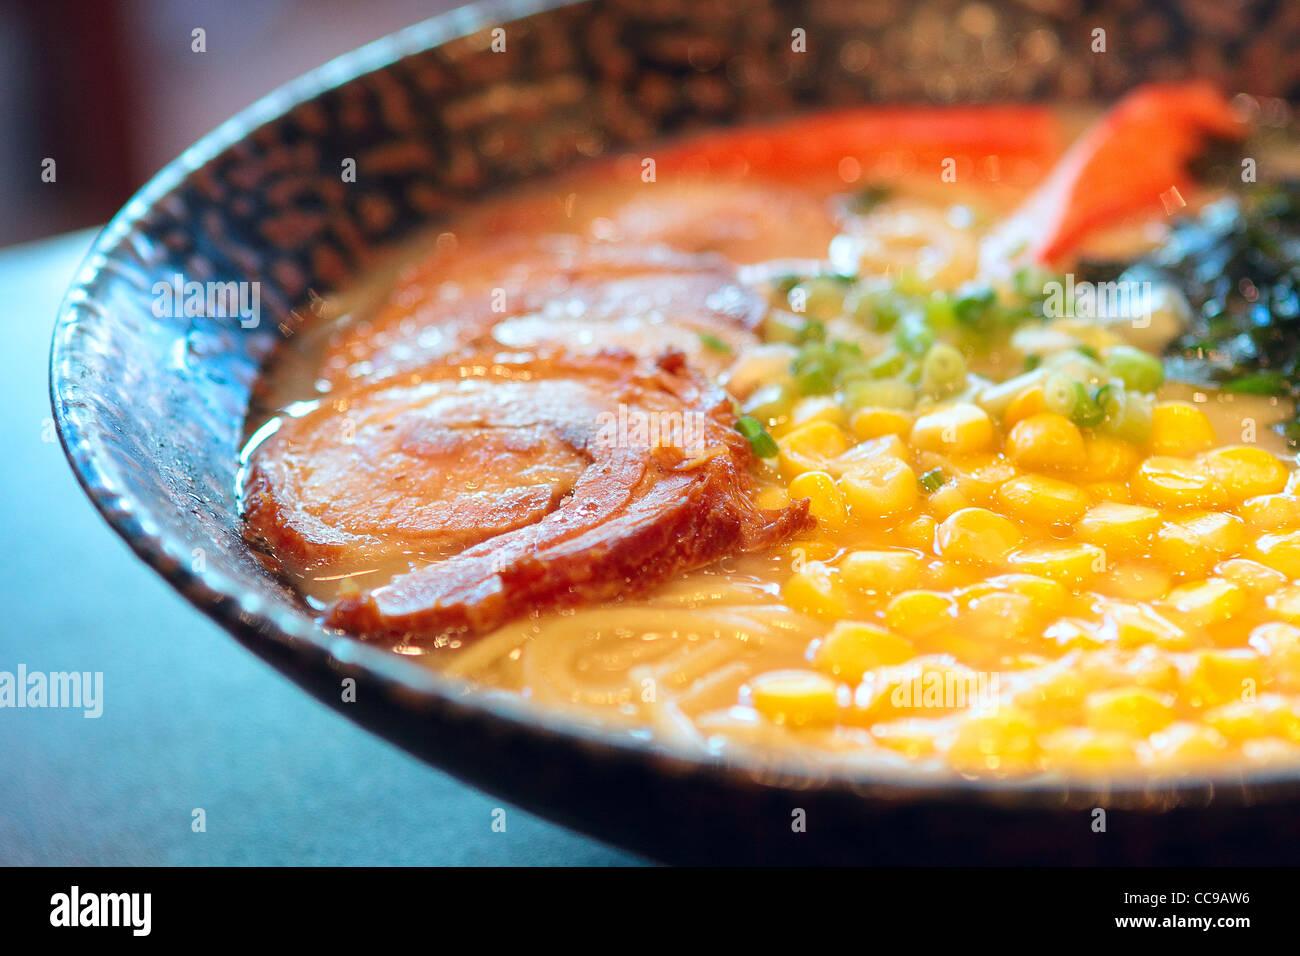 Nudel-im japanischen Stil auf Tisch Stockbild